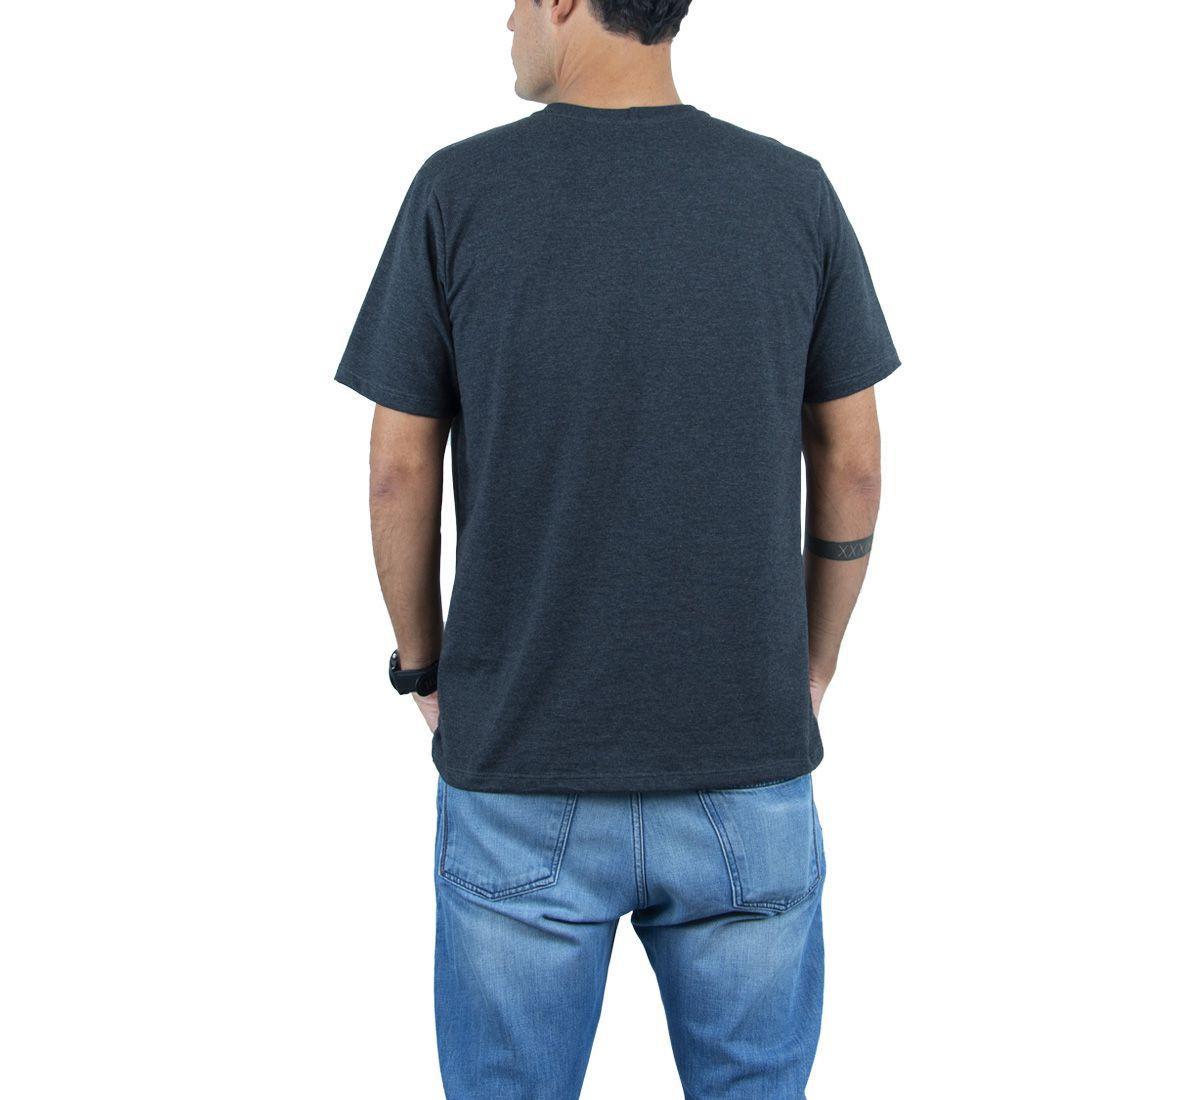 Camiseta Run&Sweat Masc - Dark Mescla - Woom 247